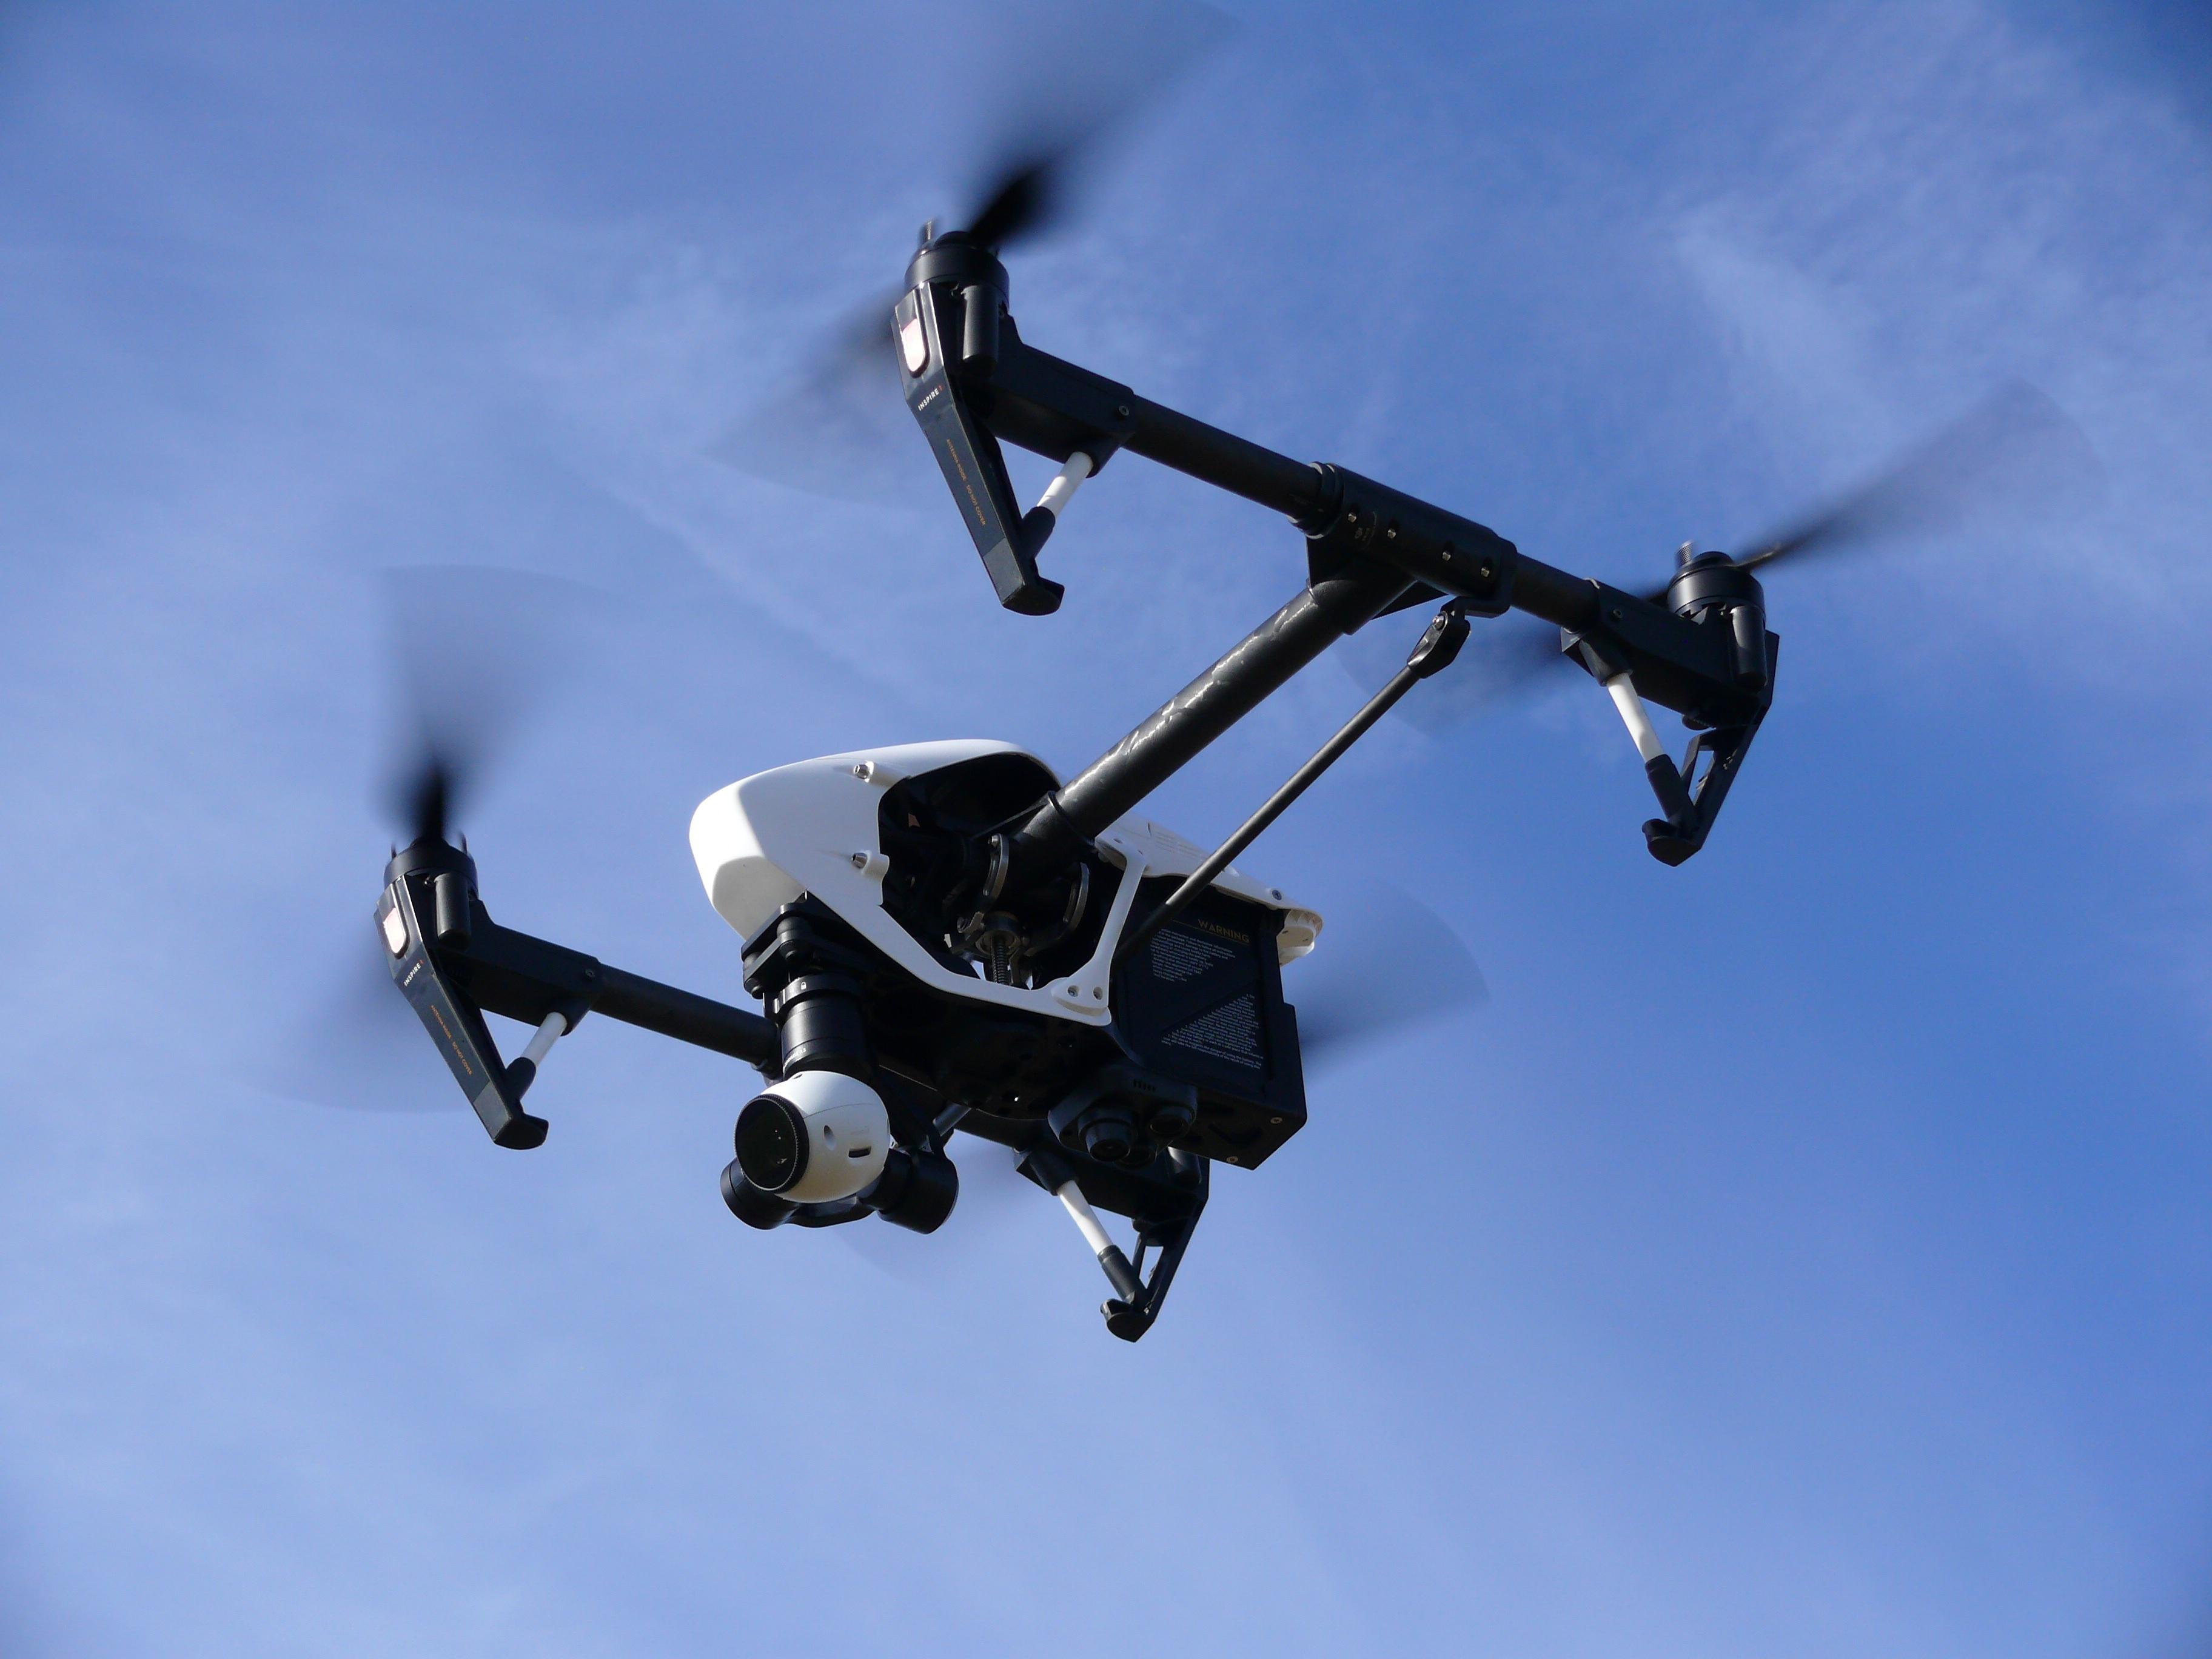 Acidentes com drones? A culpa é da máquina